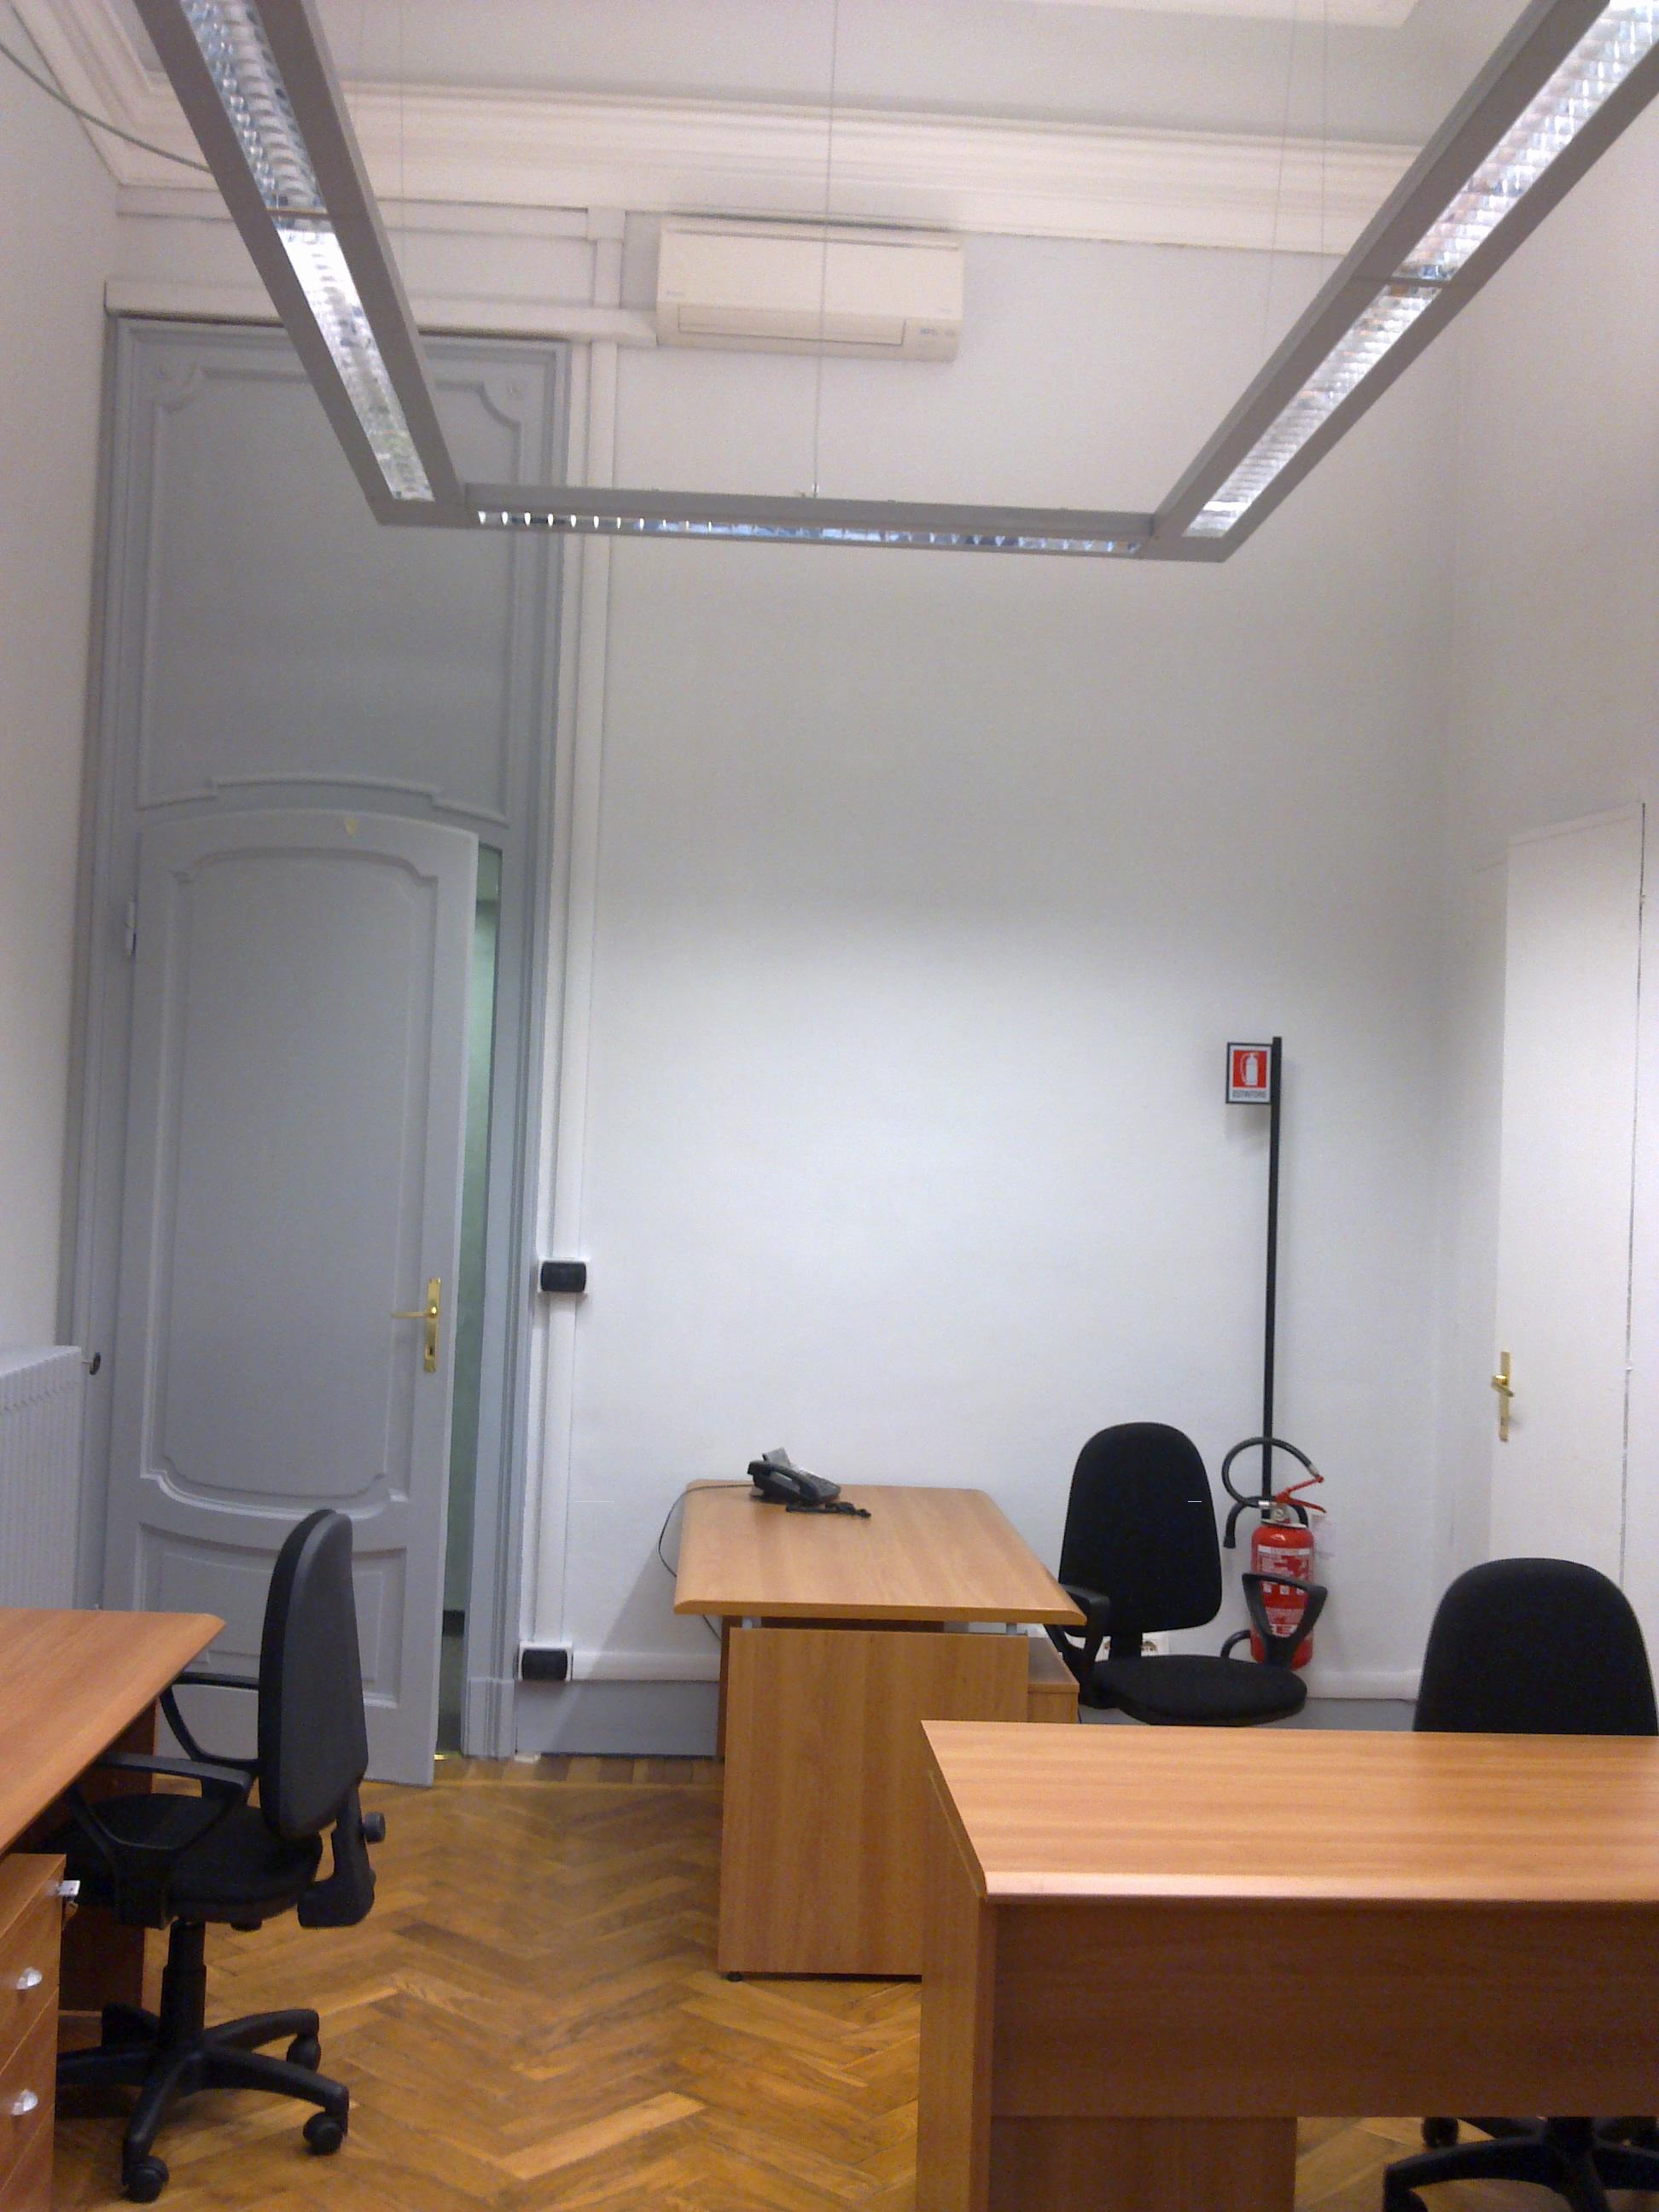 Airsystem impianti torino condizionamento e riscaldamento - Canalizzazione aria condizionata ...